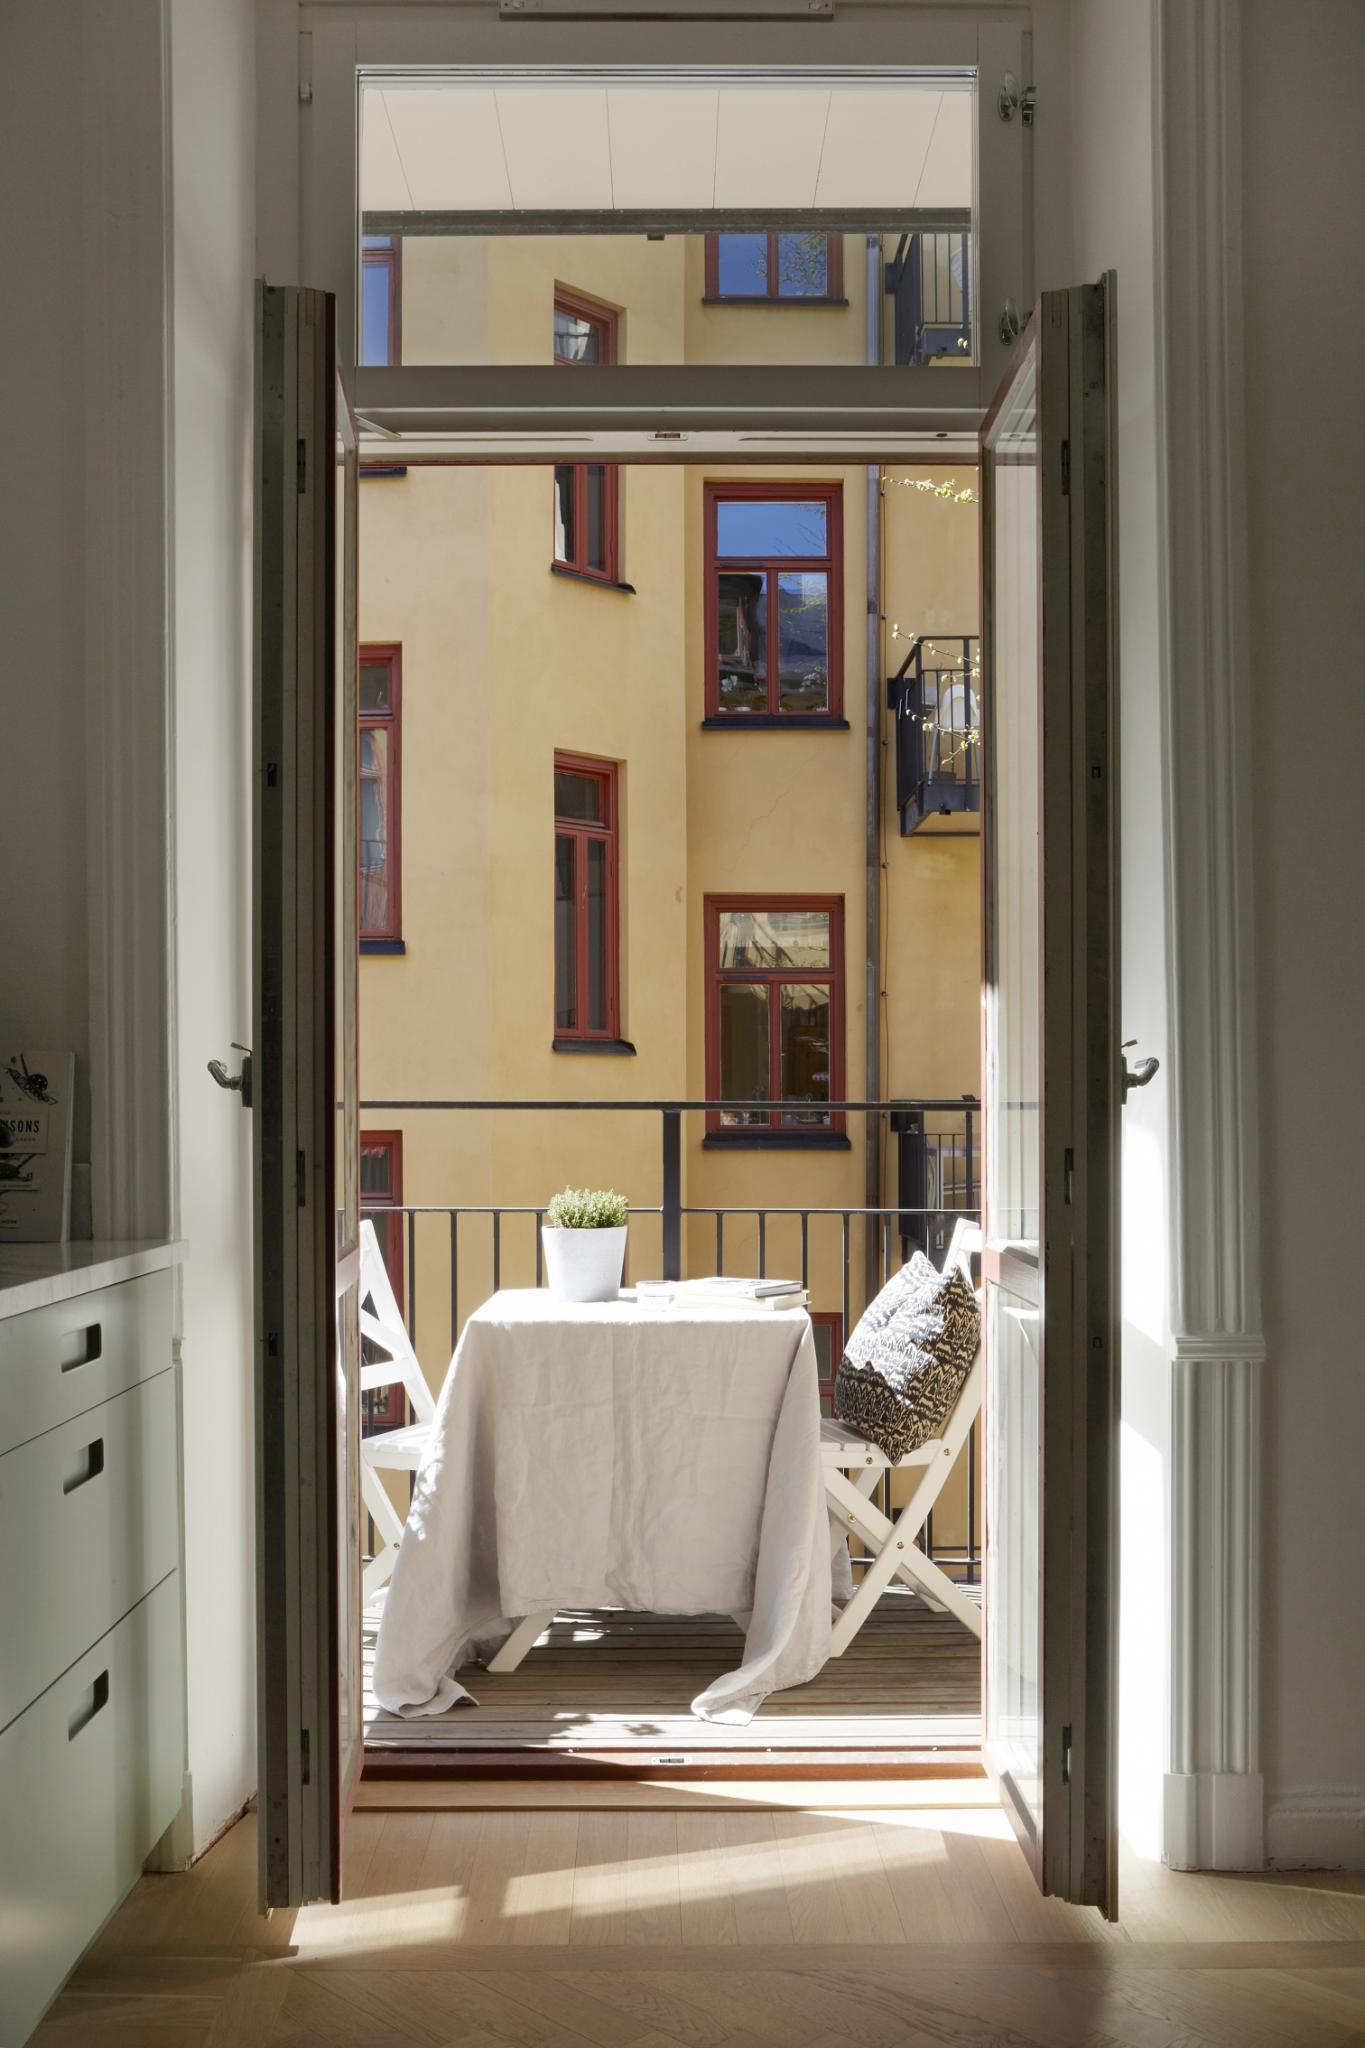 Moderne mintgroene keuken met een marmeren werkblad